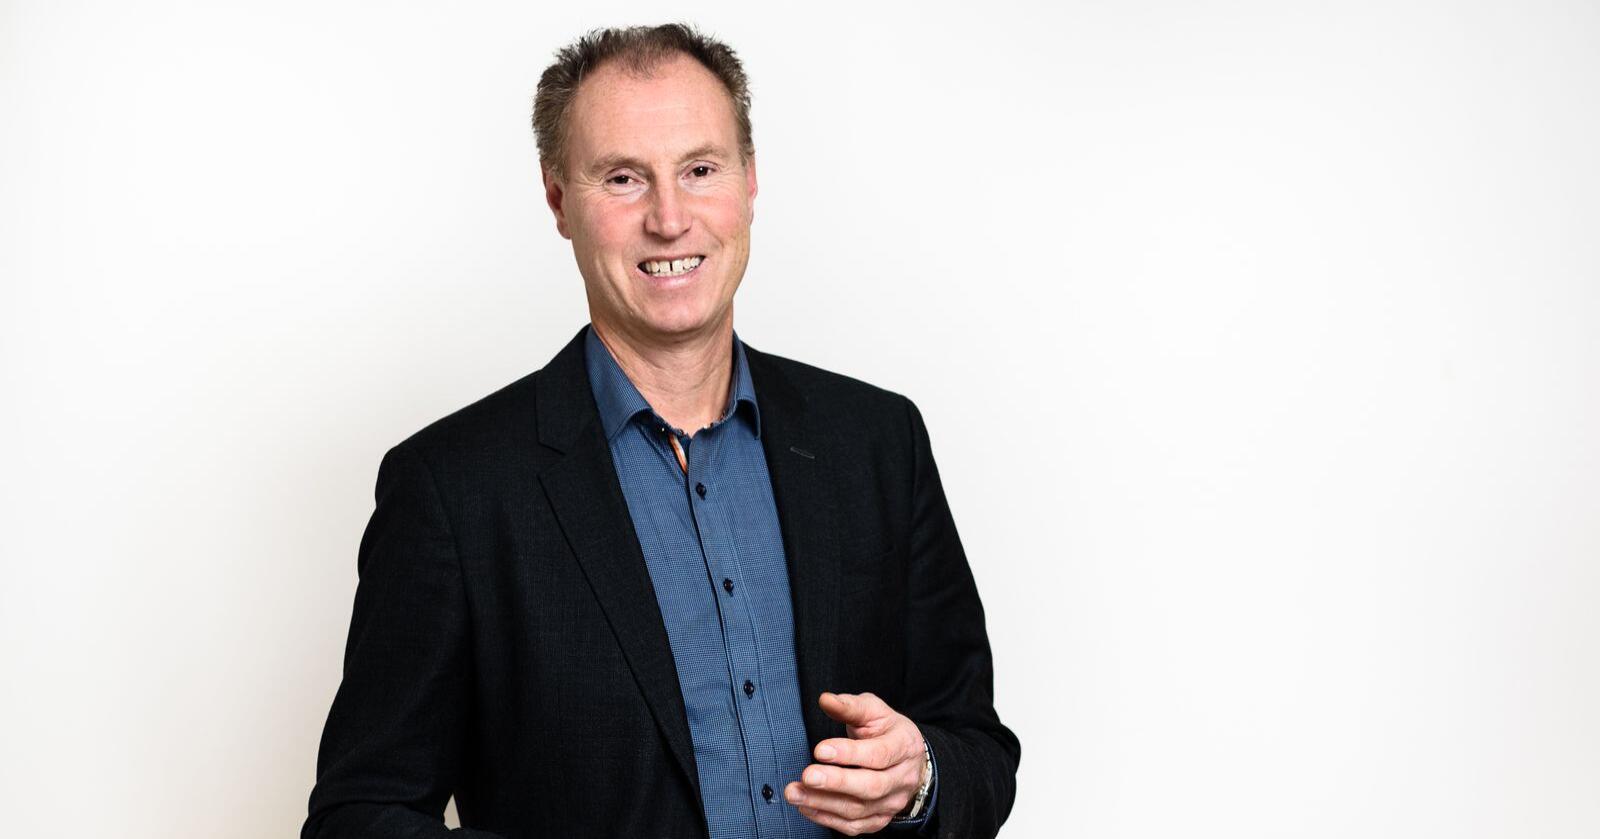 – Norge er ikke forpliktet til å kompensere britene for ulemper ved å forlate EU., sier fagsjef Arne Ivar Sletnes i Norsk Landbrukssamvirke. Foto: Norsk Landbrukssamvirke